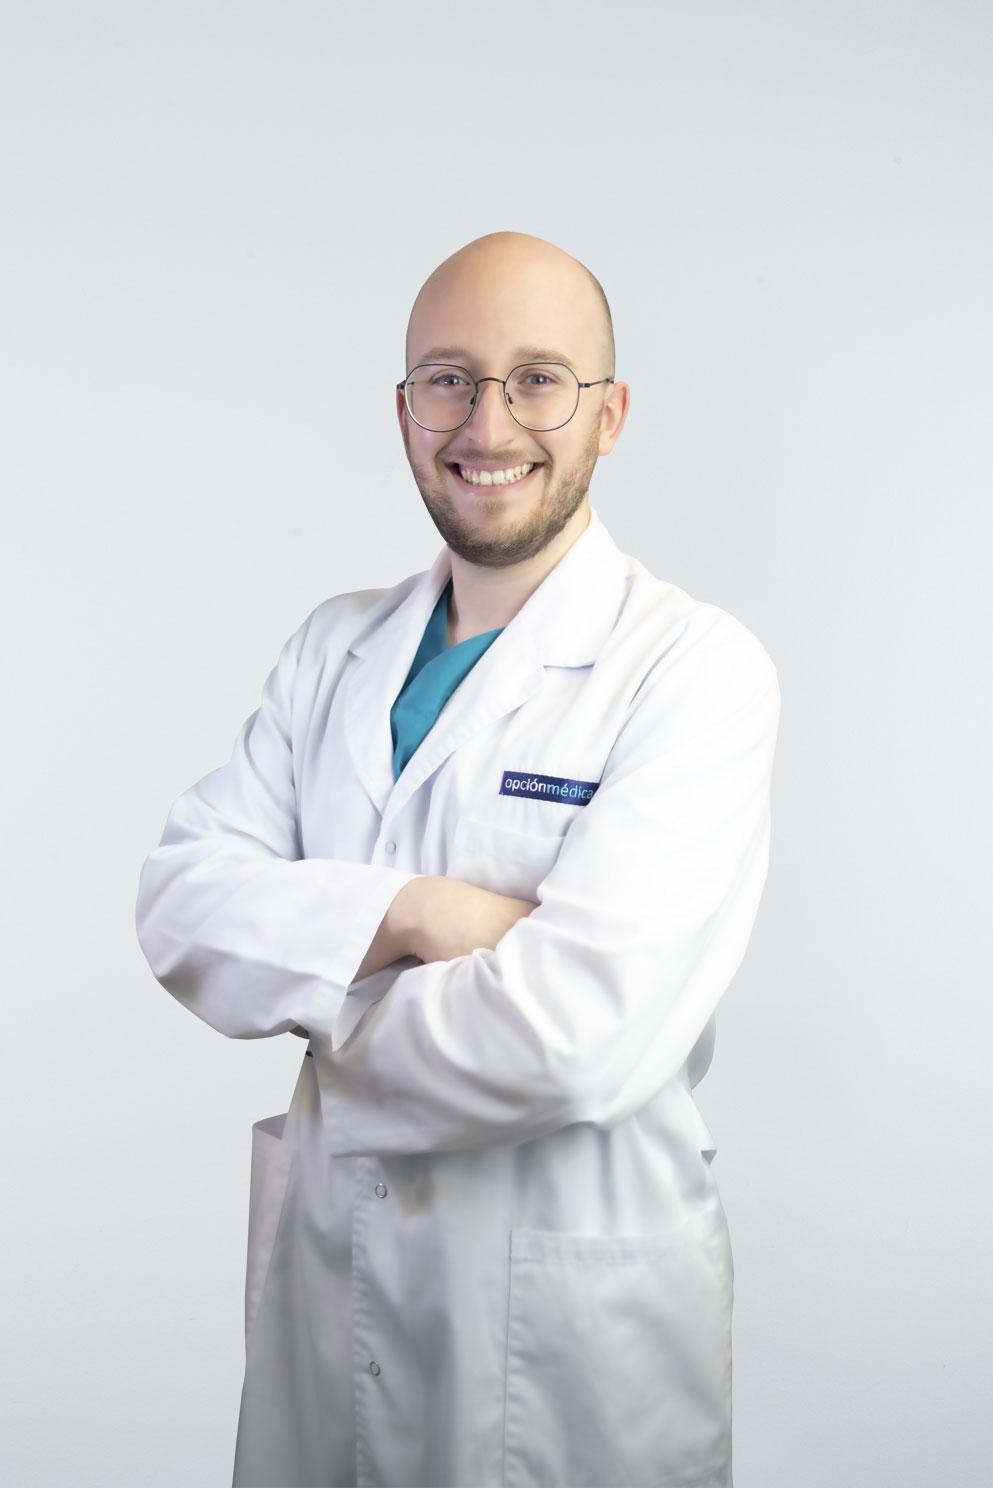 David Morillo